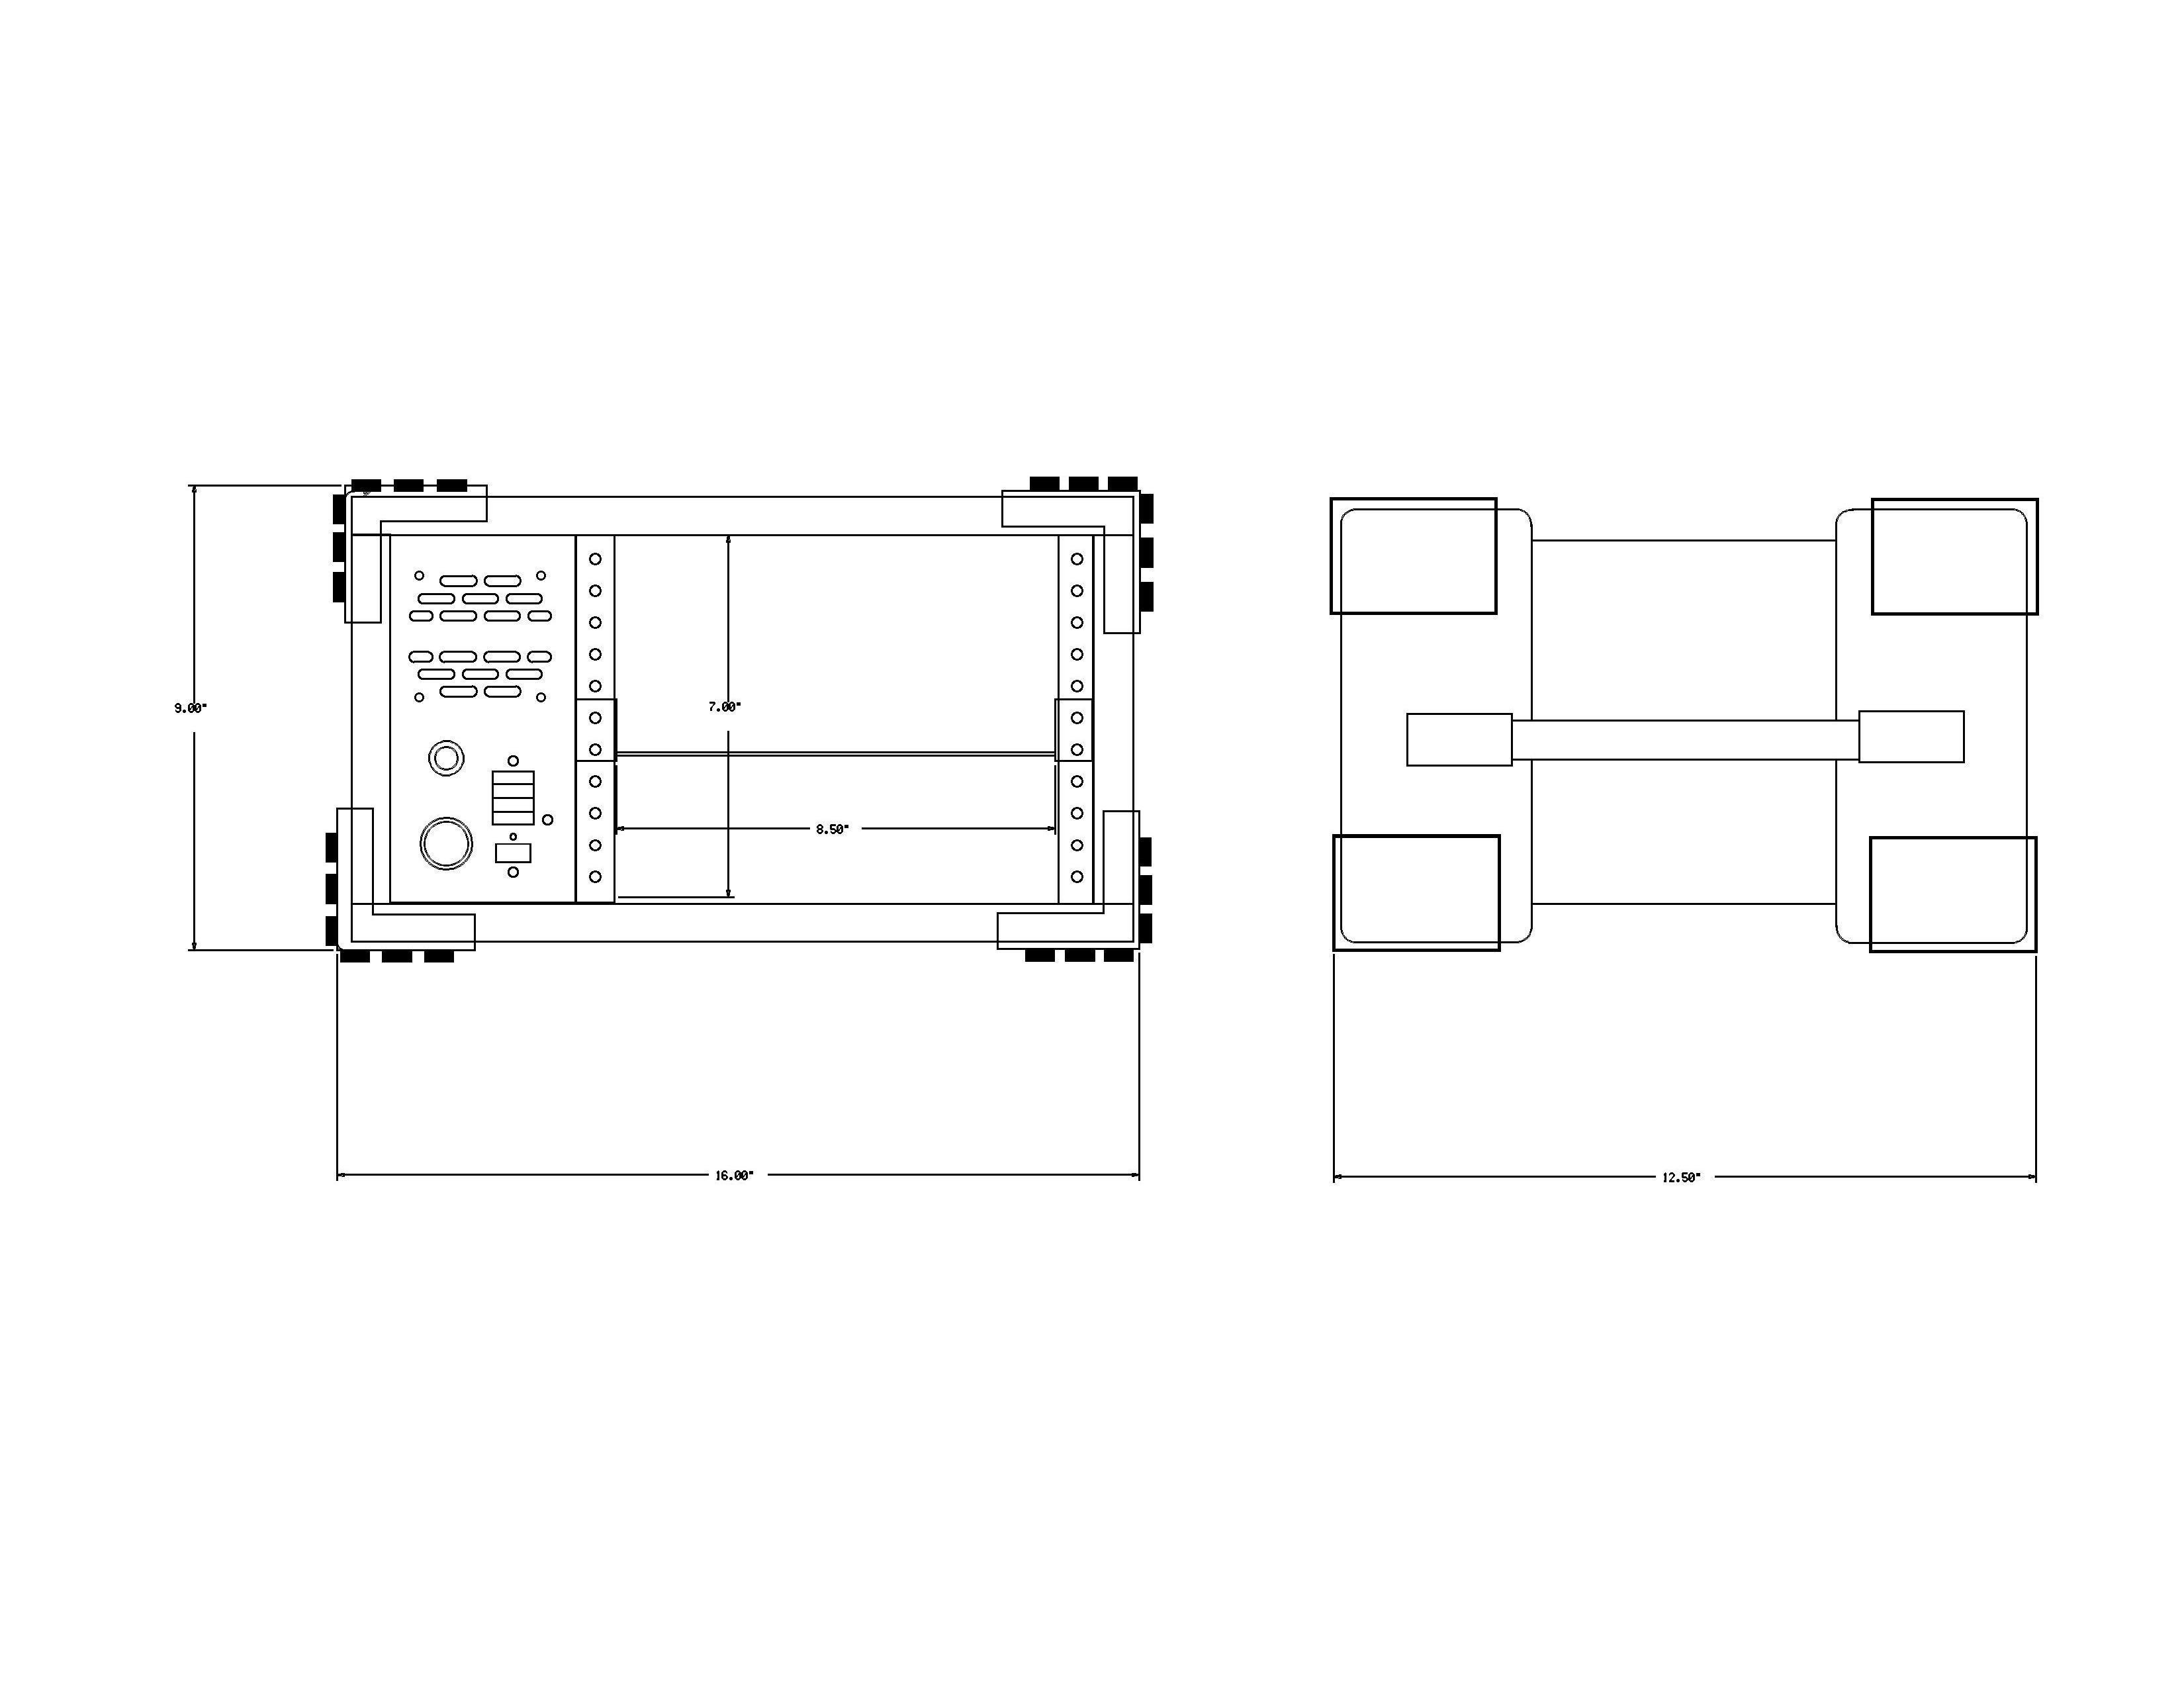 2000 Daewoo Lanos Cooling System Diagram